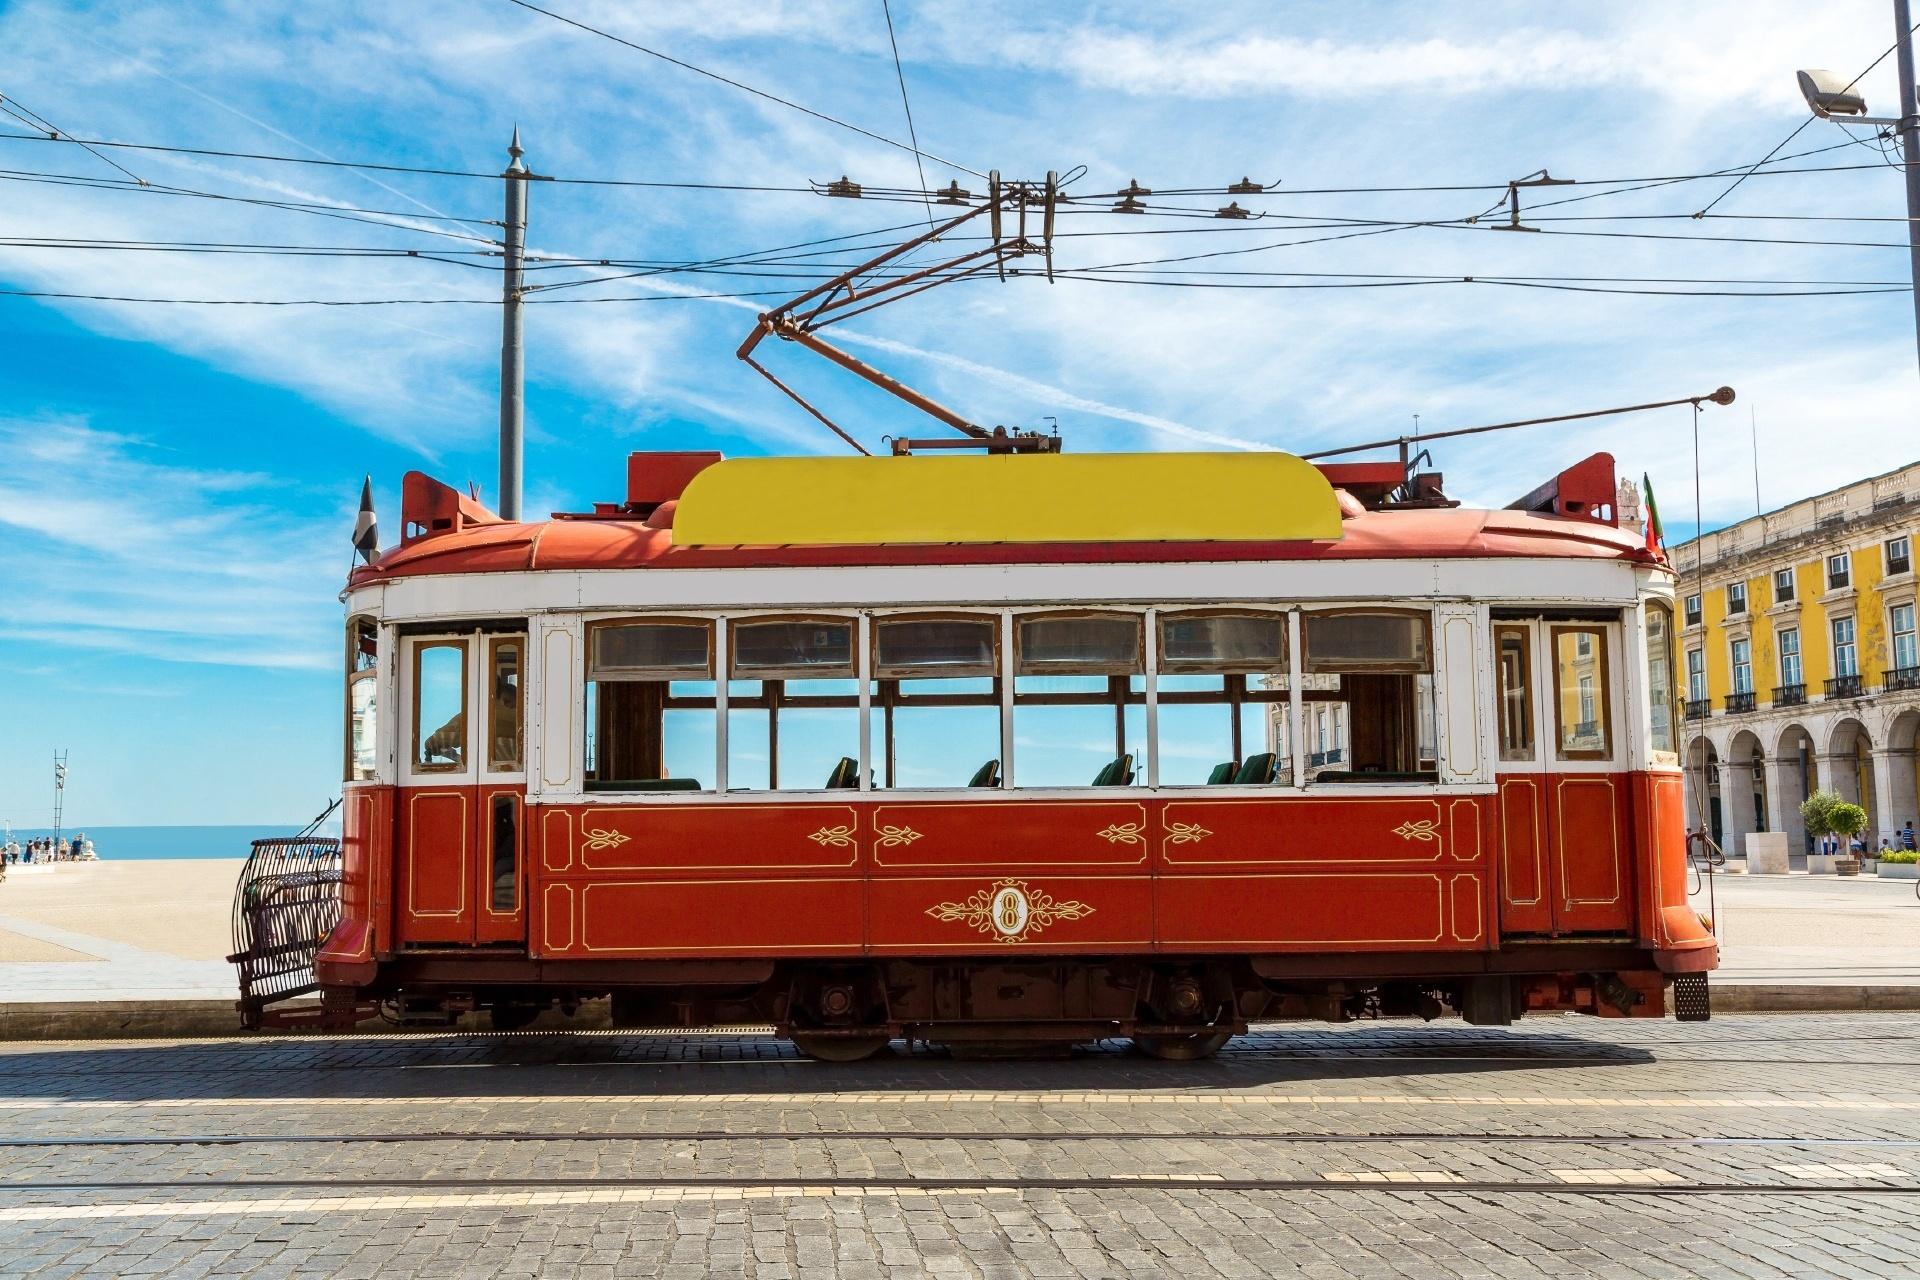 リスボンの風景 ポルトガルの風景